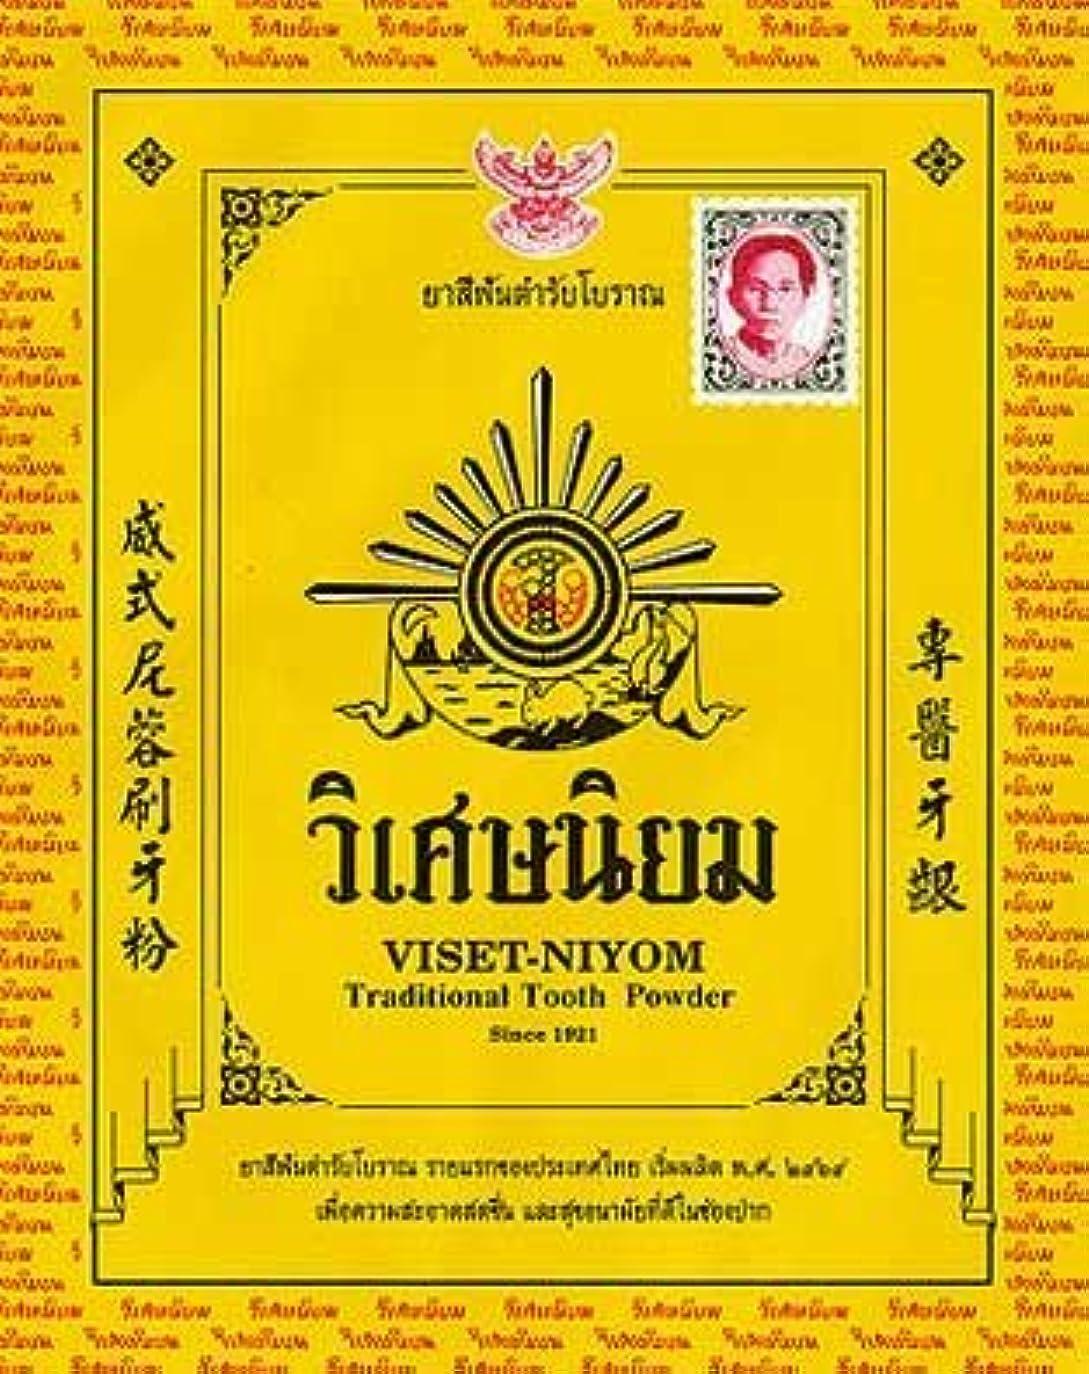 悪意のある錆び下線Herbal Whitening Tooth Powder Thai Original Traditional Toothpaste 40 G. x 2 Packs by Viset Niyom Tooth Powder